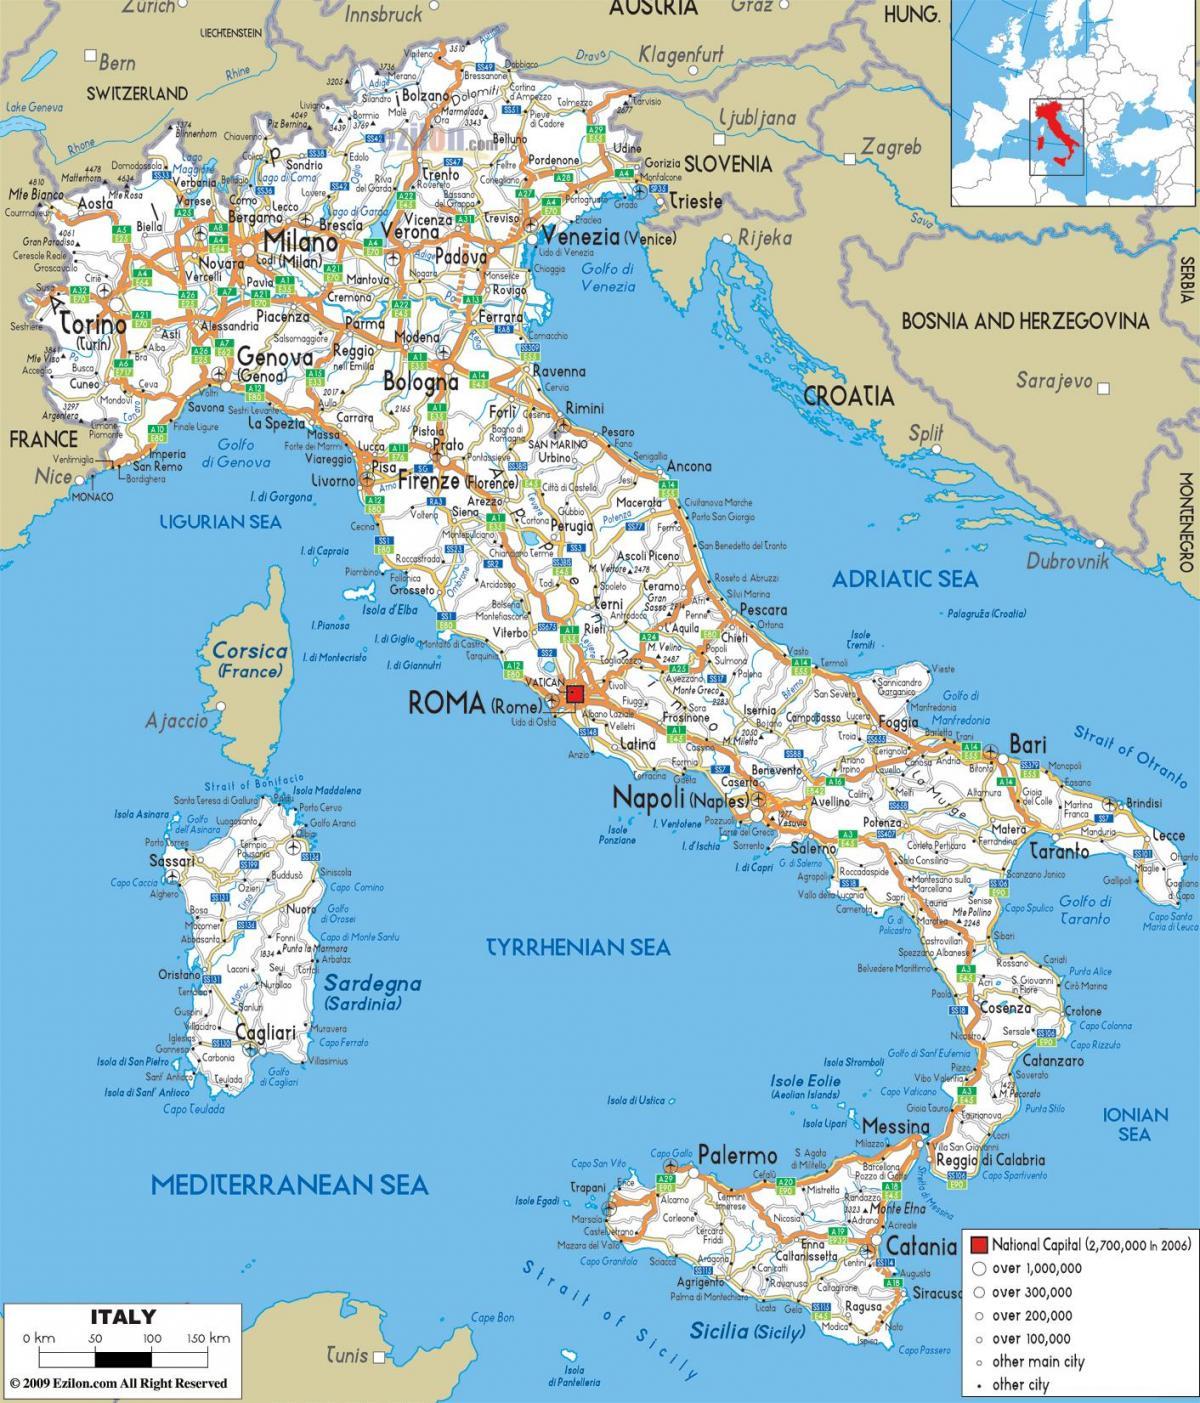 Podrobna Karta Na Italiya Podrobna Karta Na Italiya Yuzhna Evropa